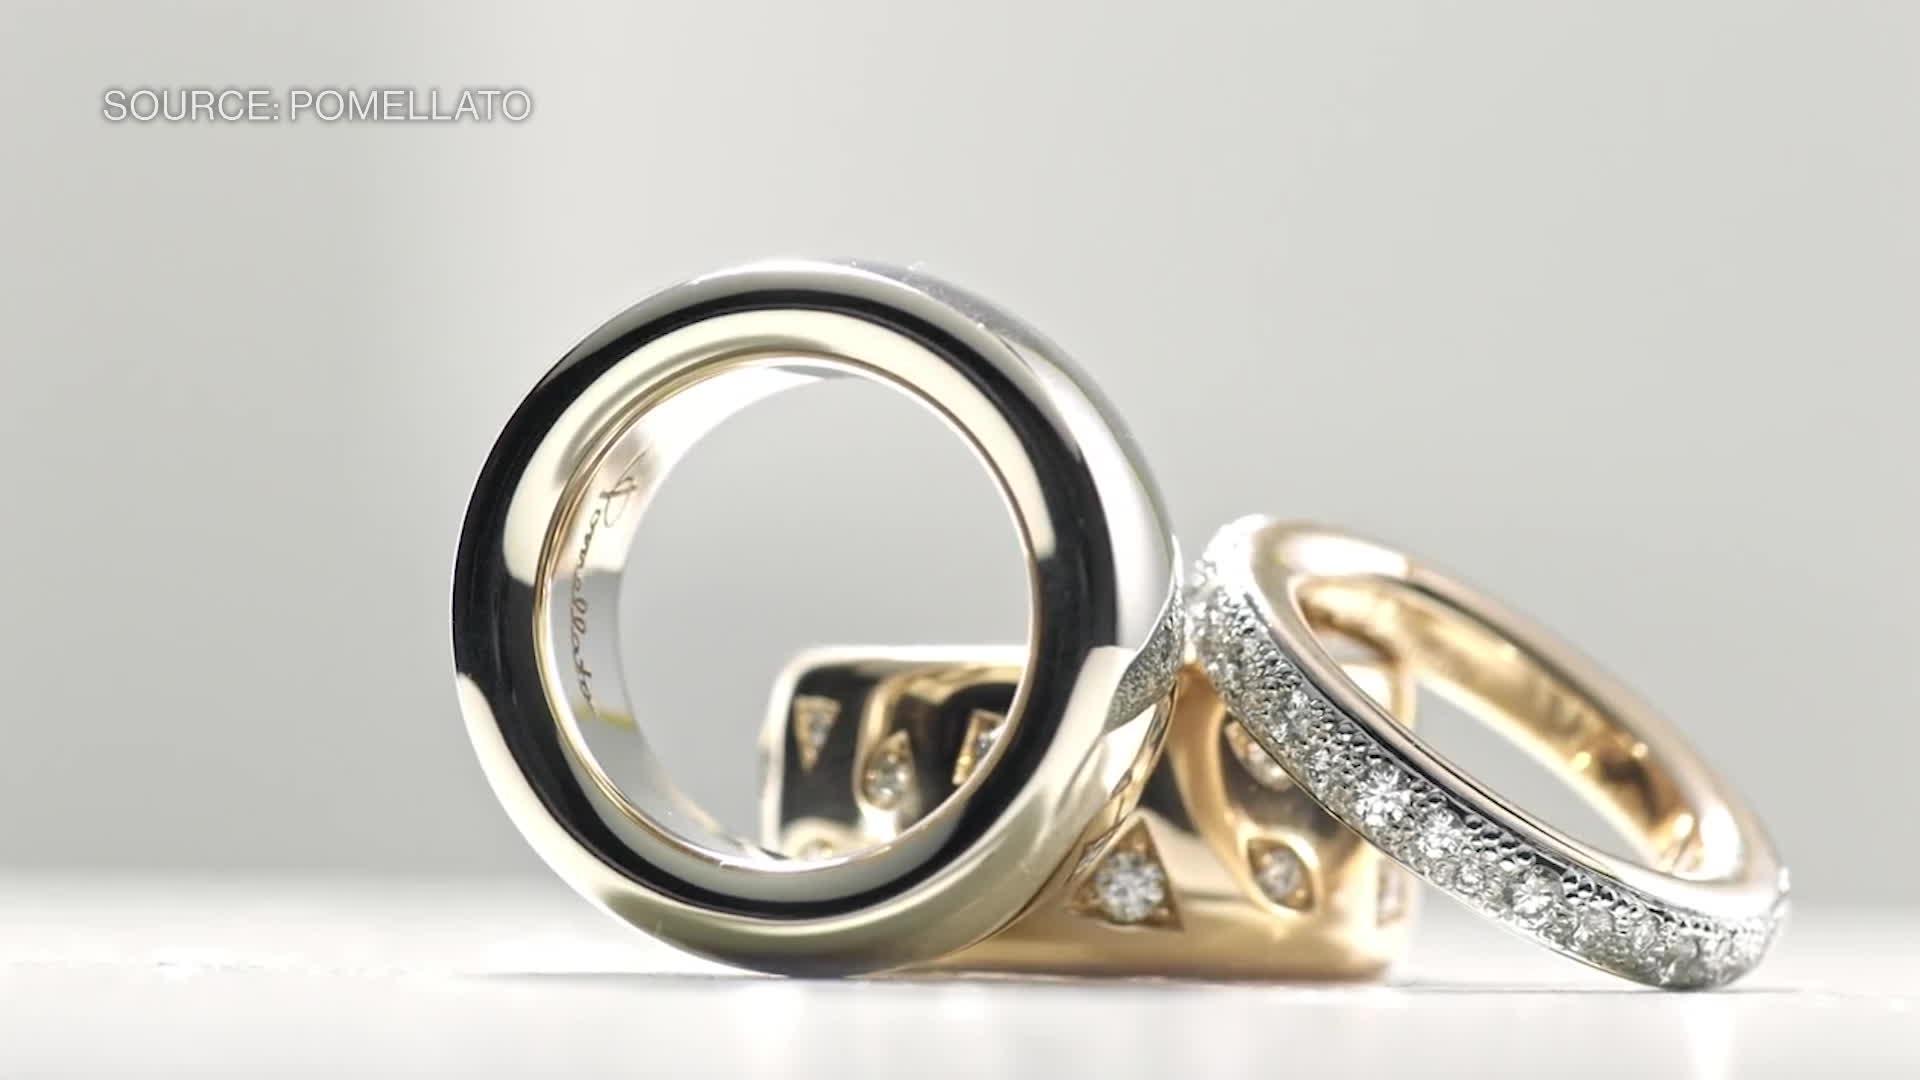 Pomellato CEO Optimistic About Future of Jewelry